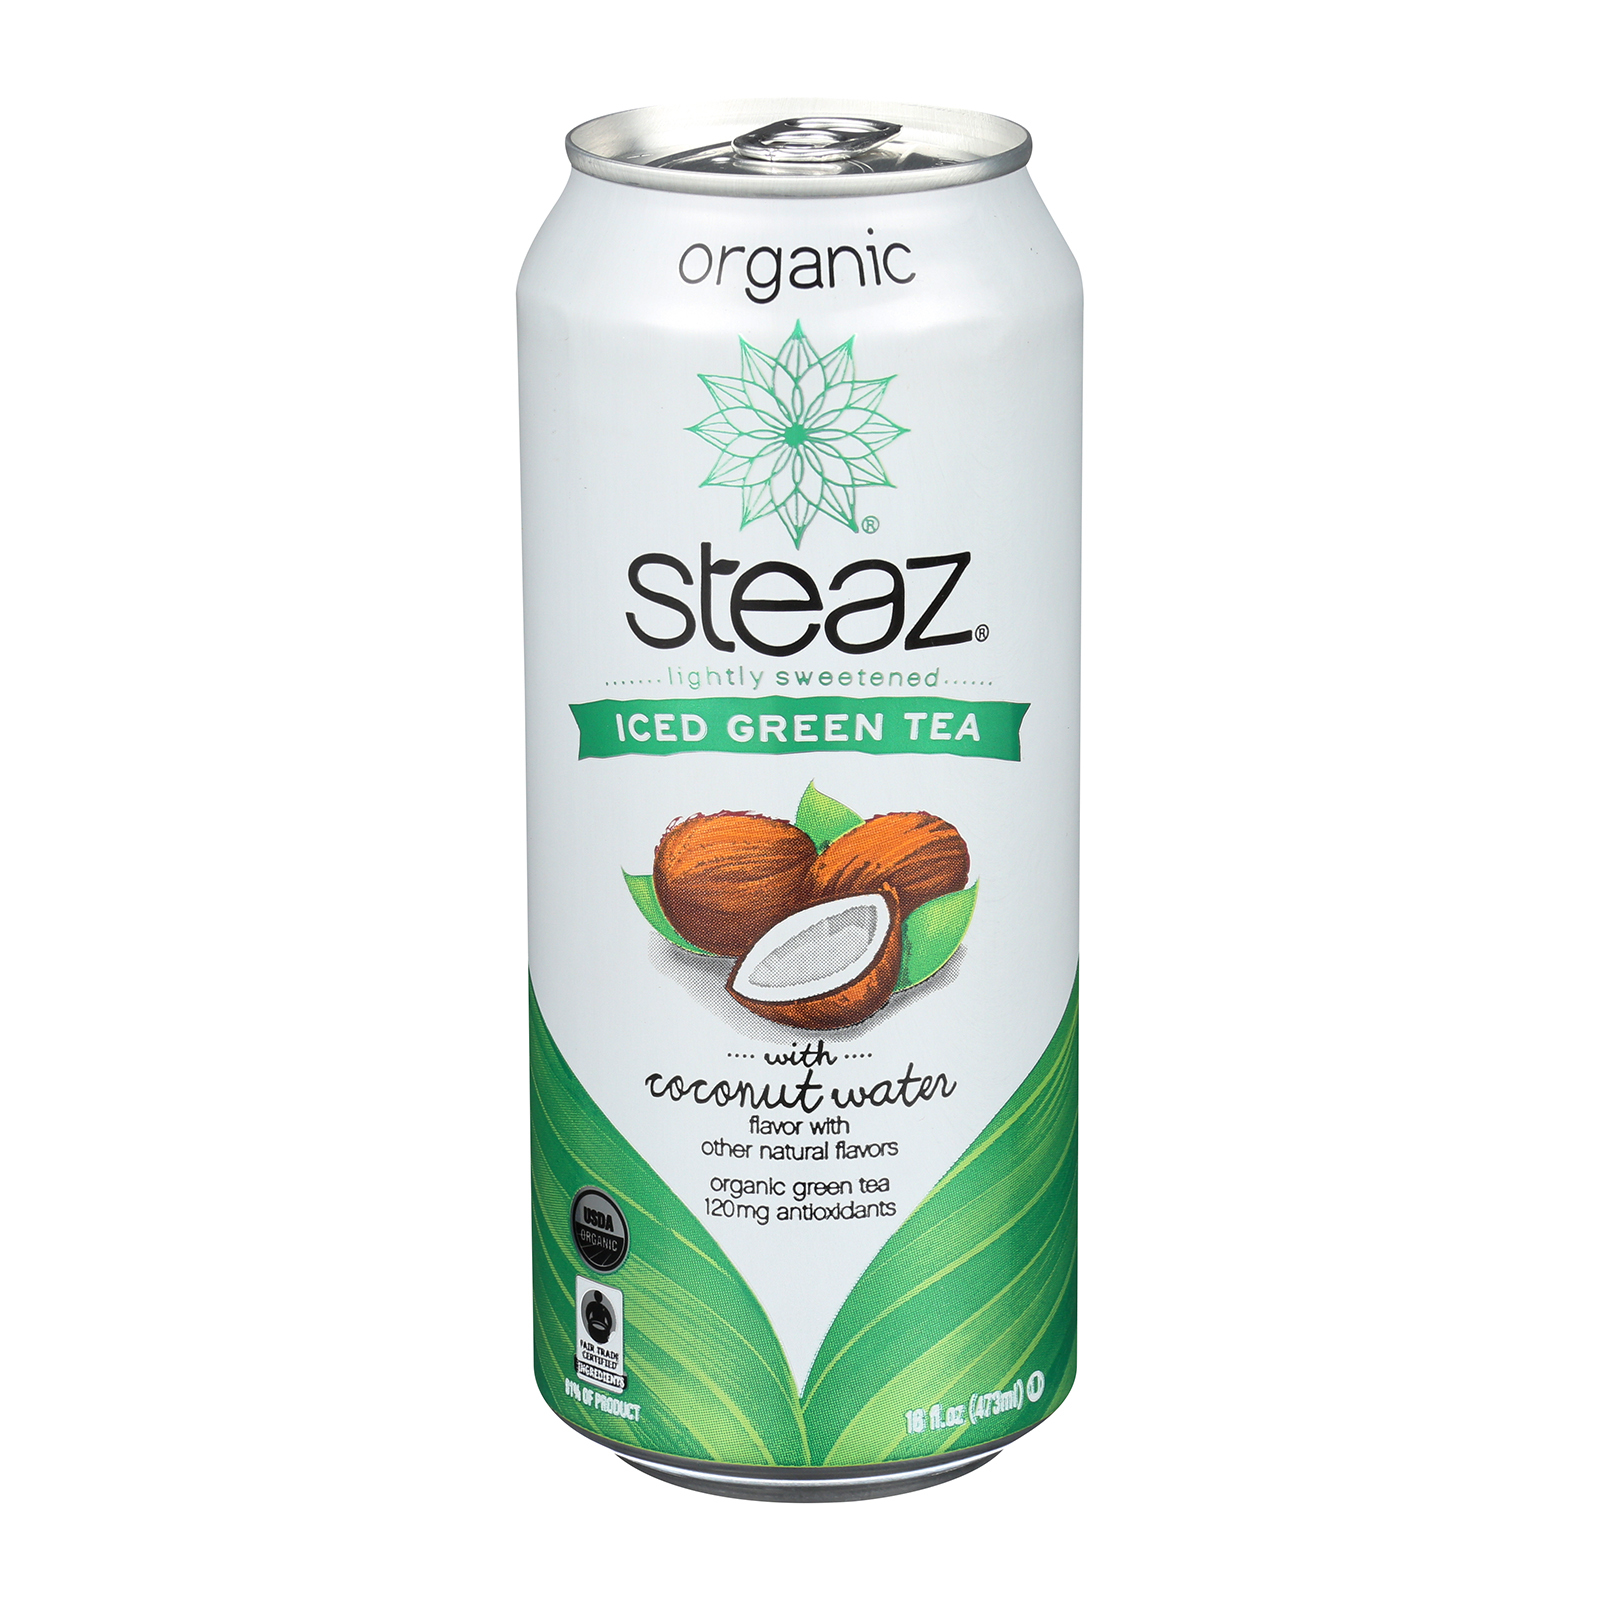 Steaz Lightly Sweetened Green Tea - Coconut Water - Case of 12 - 16 Fl oz.